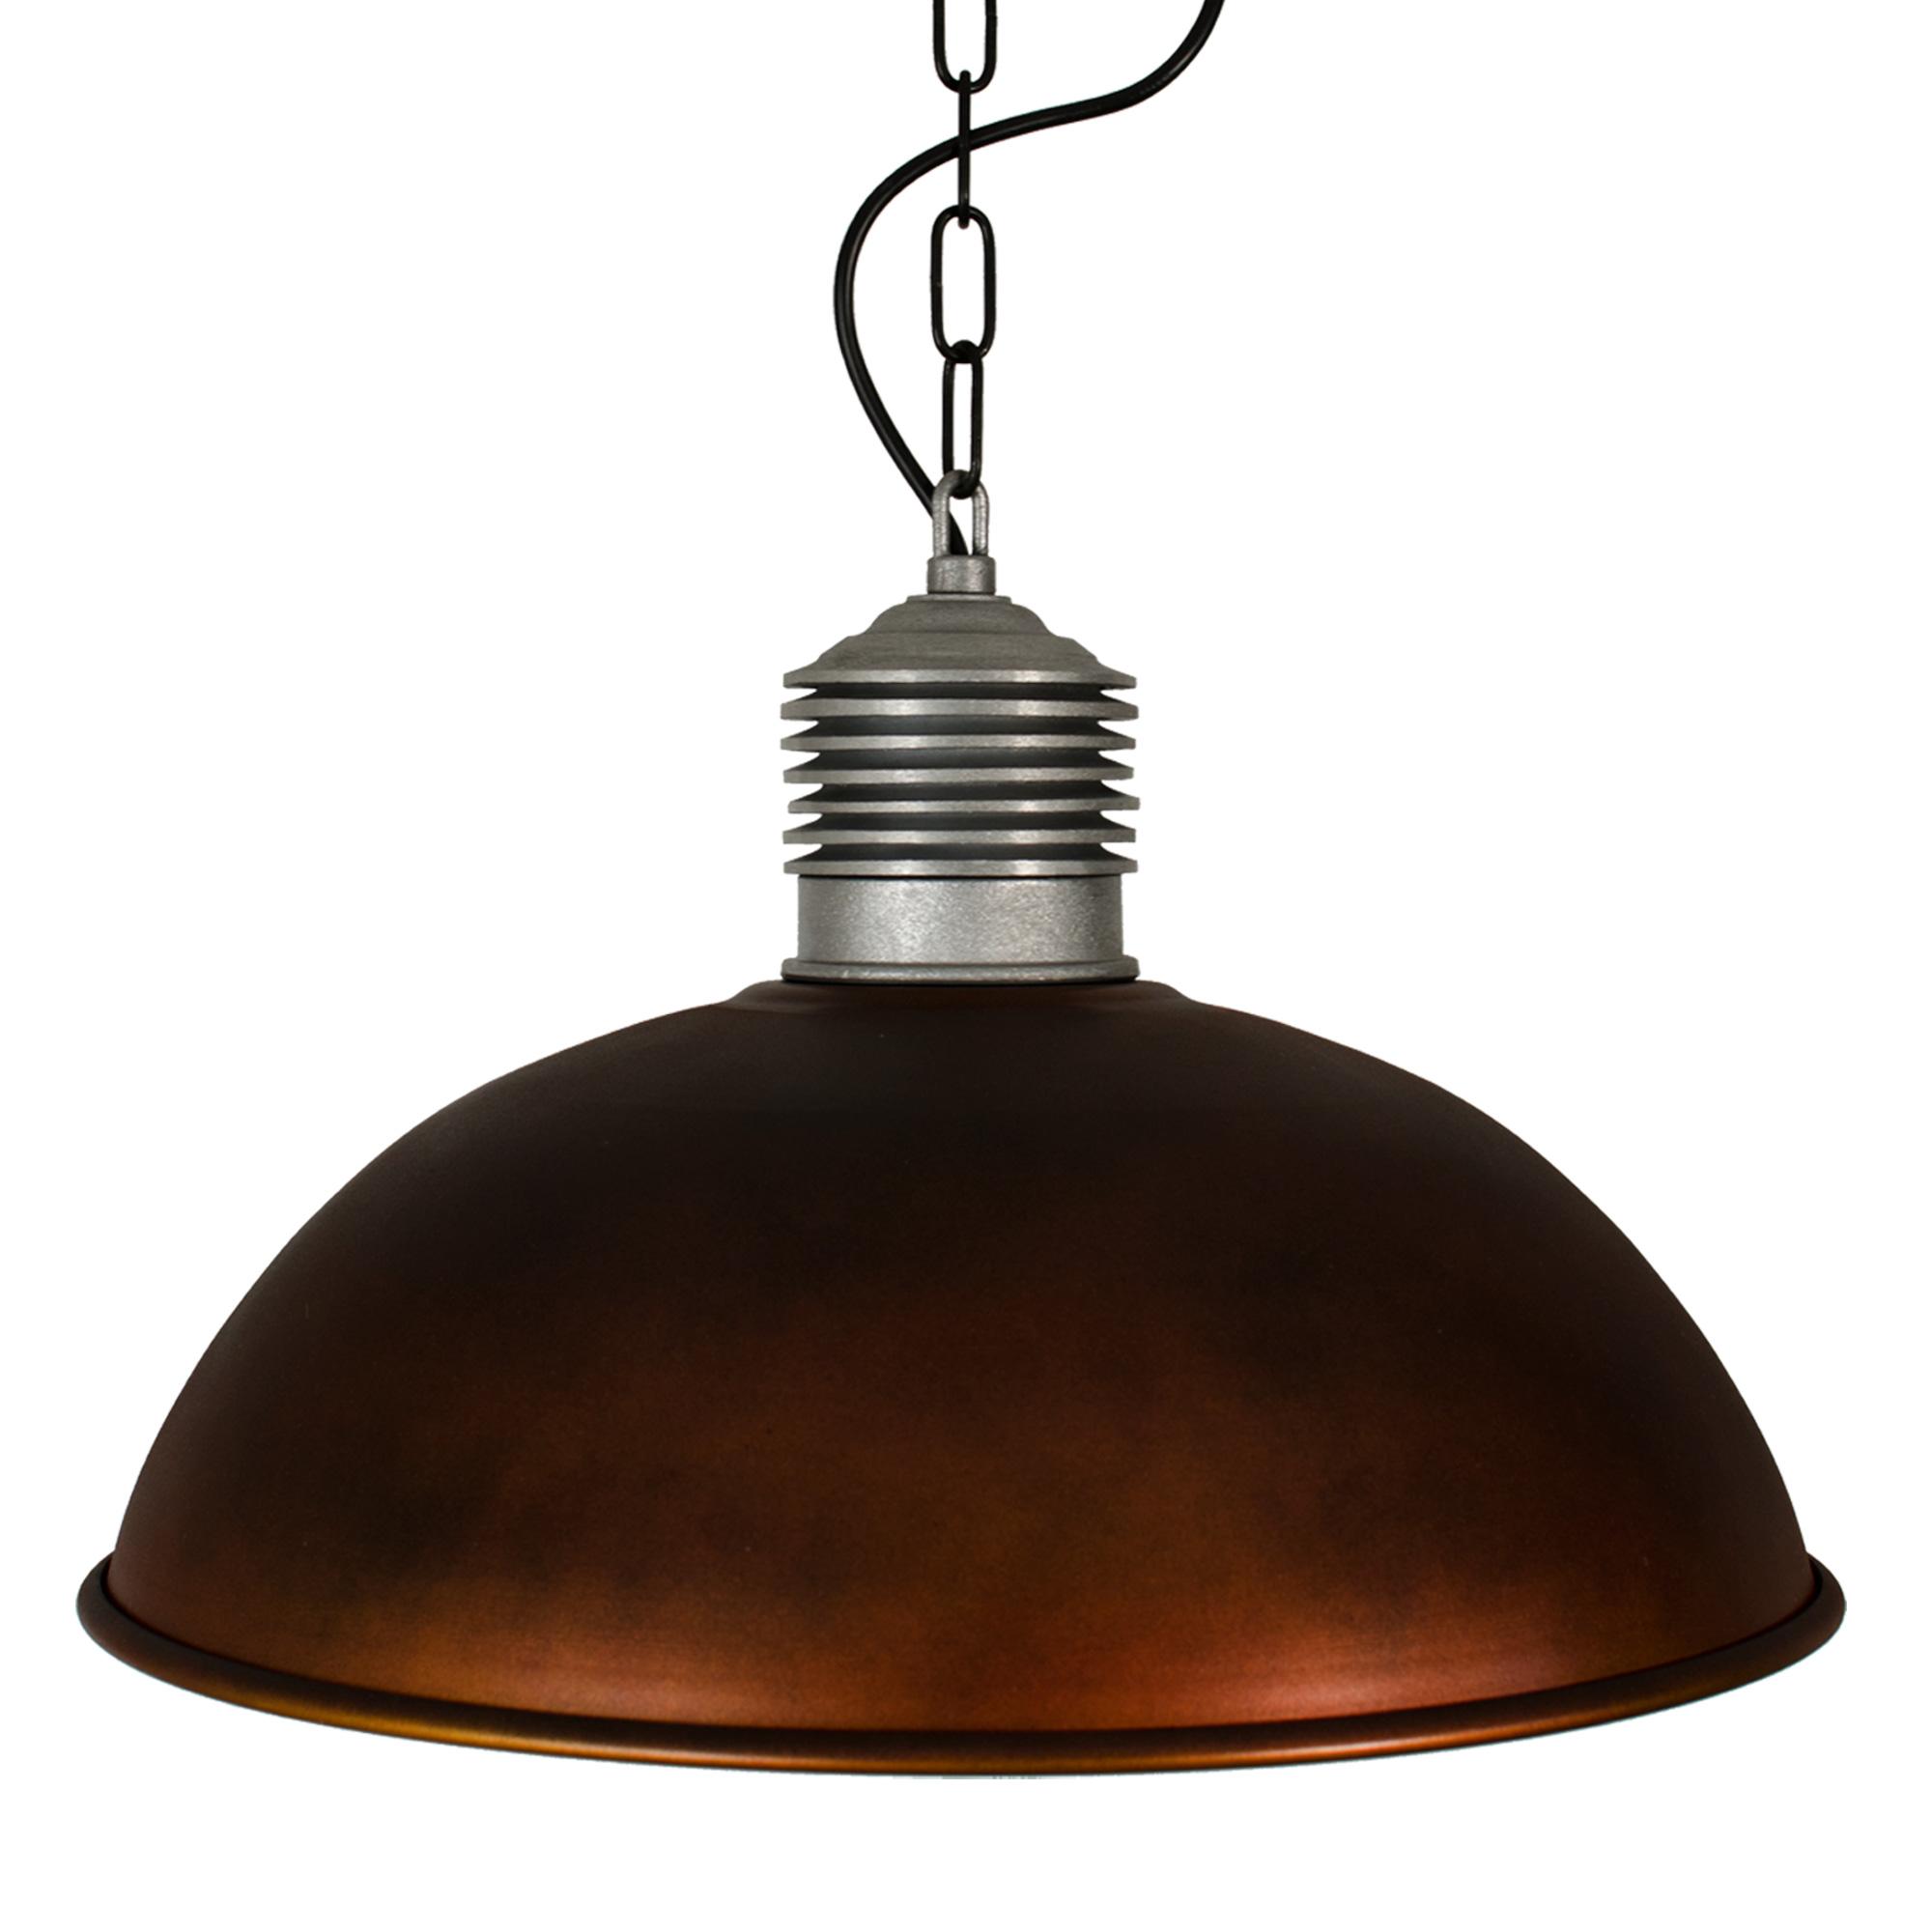 Hanglamp Industrieel II Copper Look